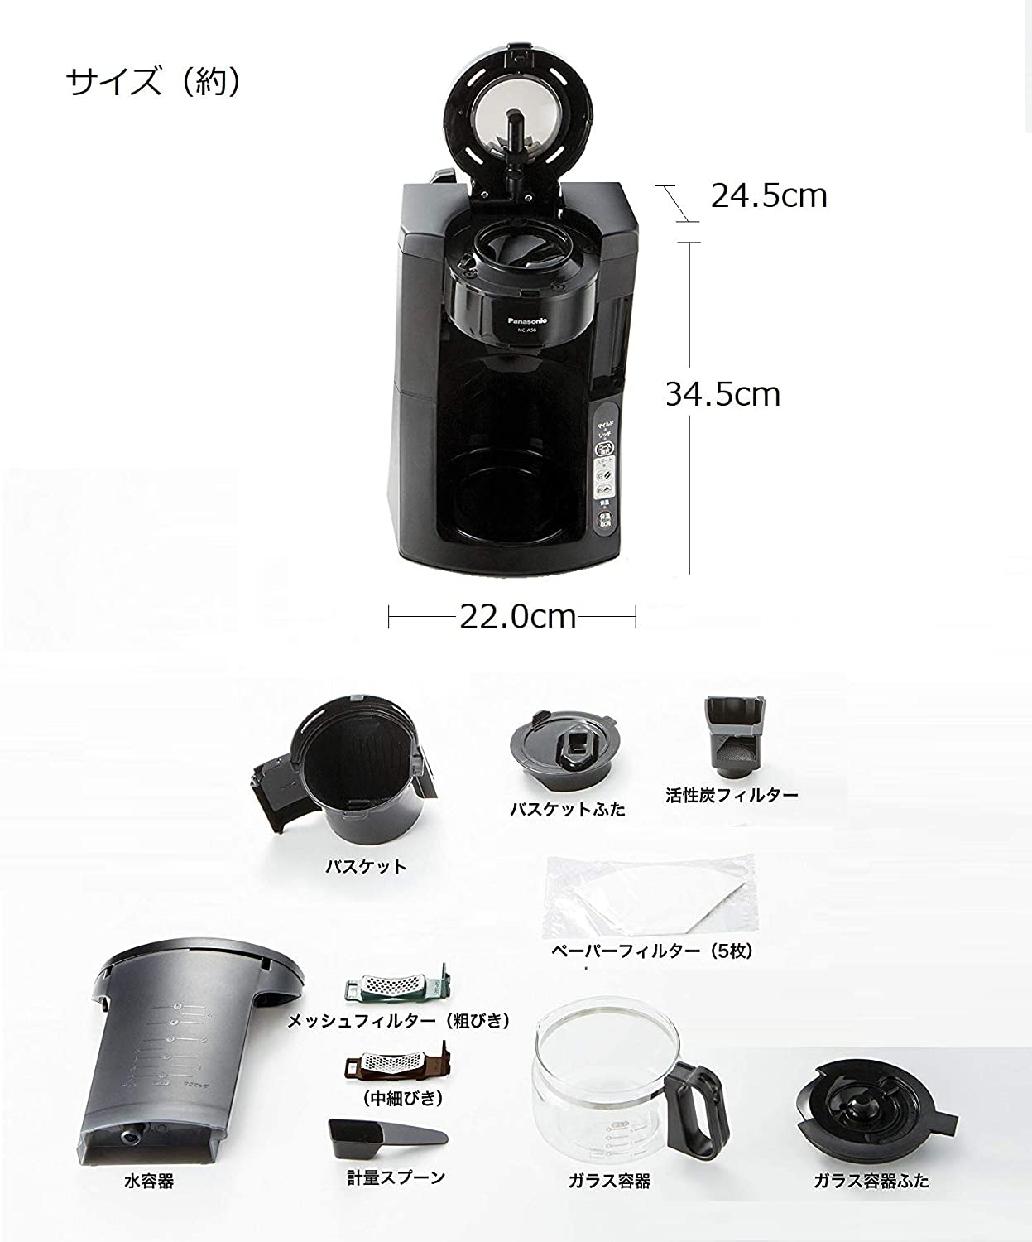 Panasonic(パナソニック) 沸騰浄水コーヒーメーカー NC-A56-Kの商品画像6